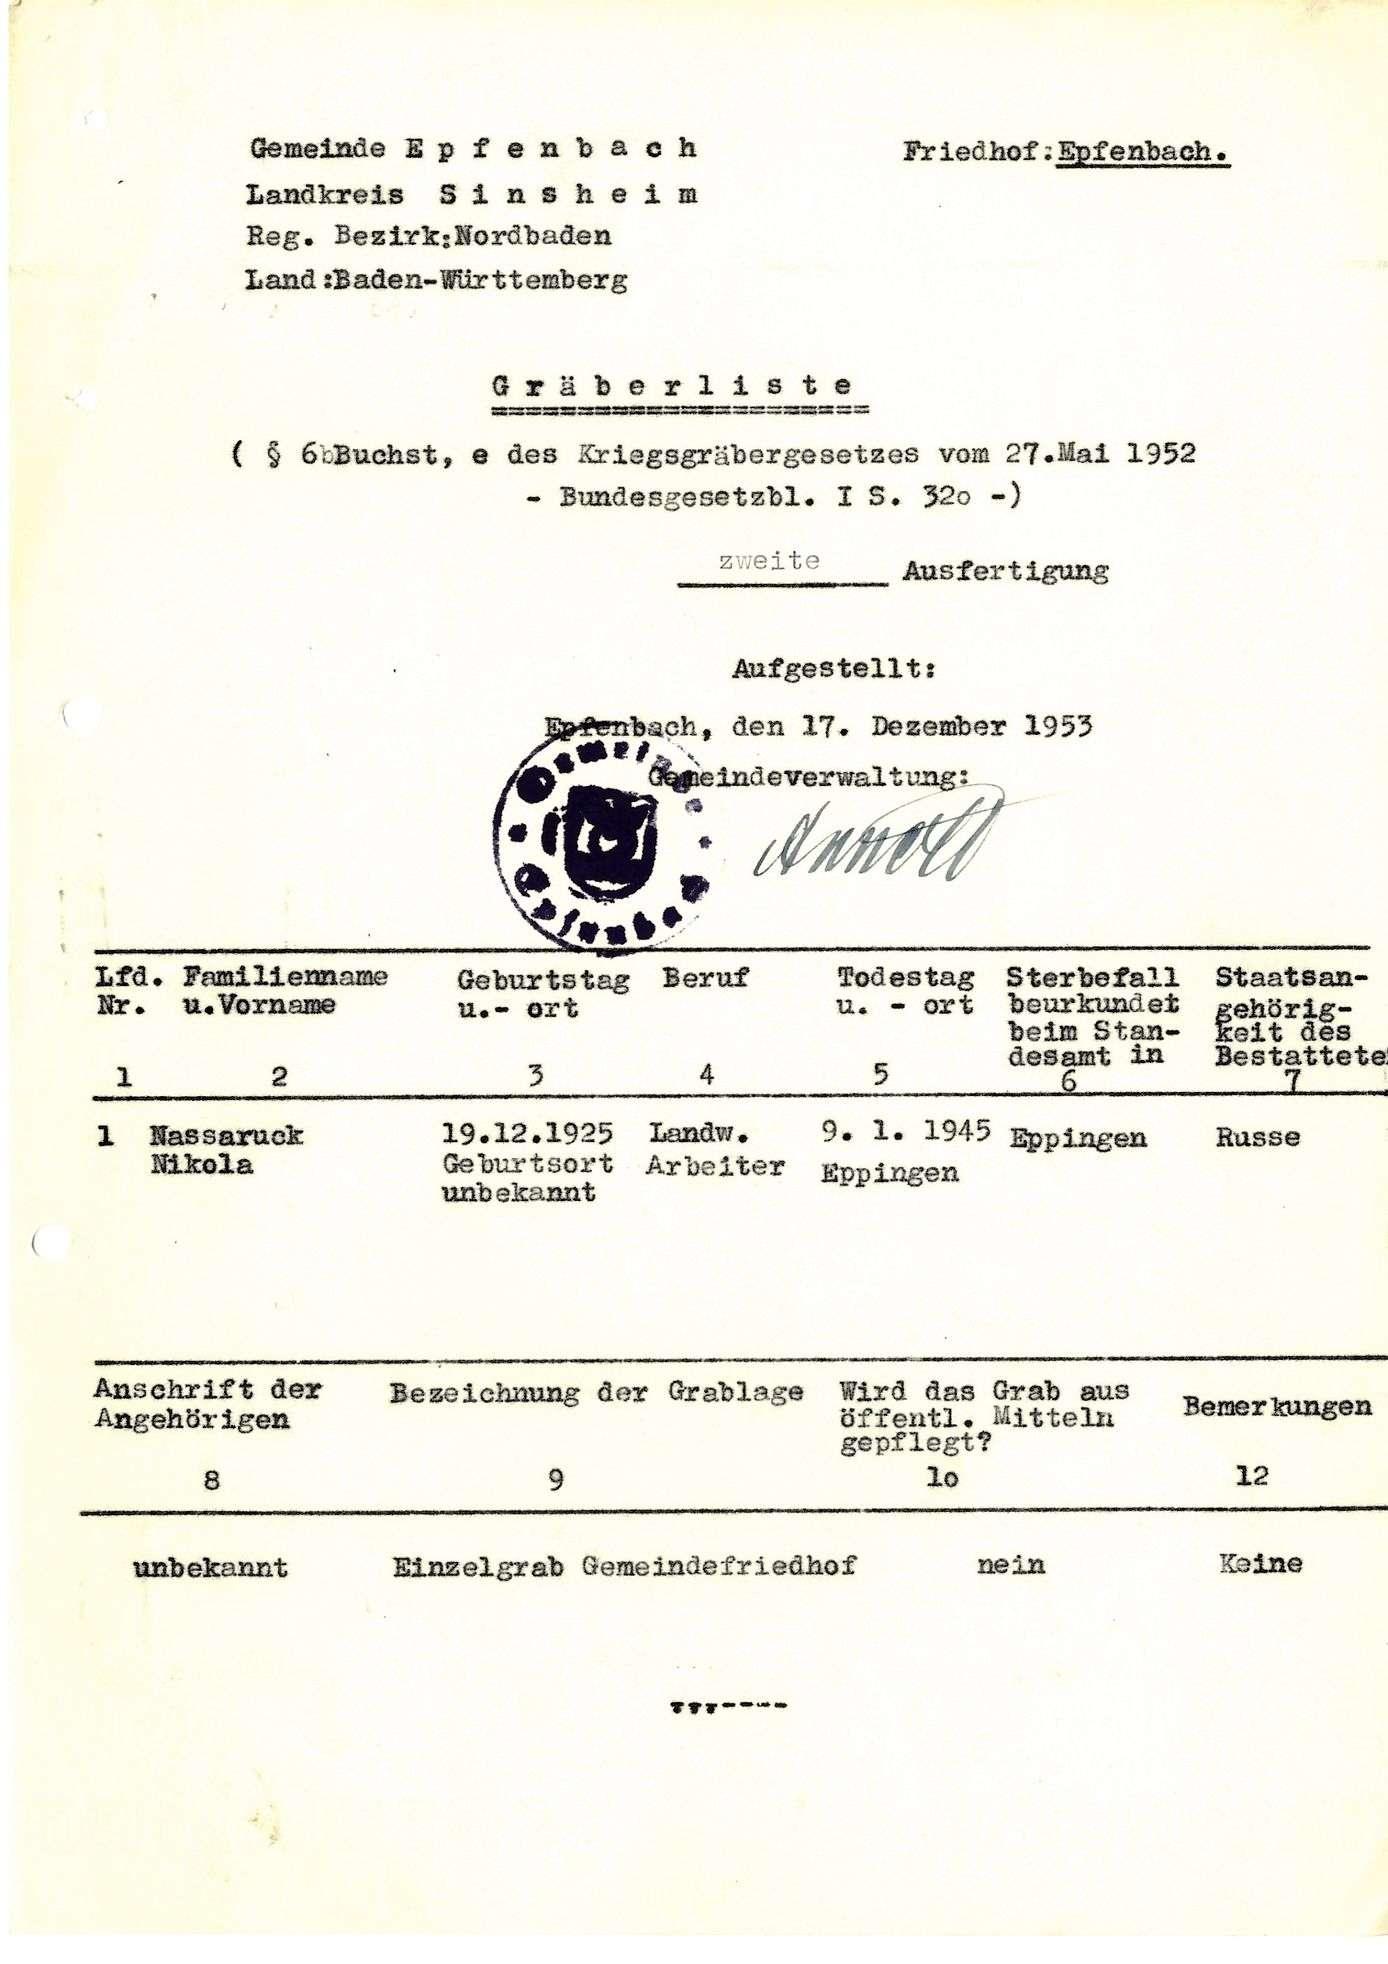 Epfenbach, Bild 1